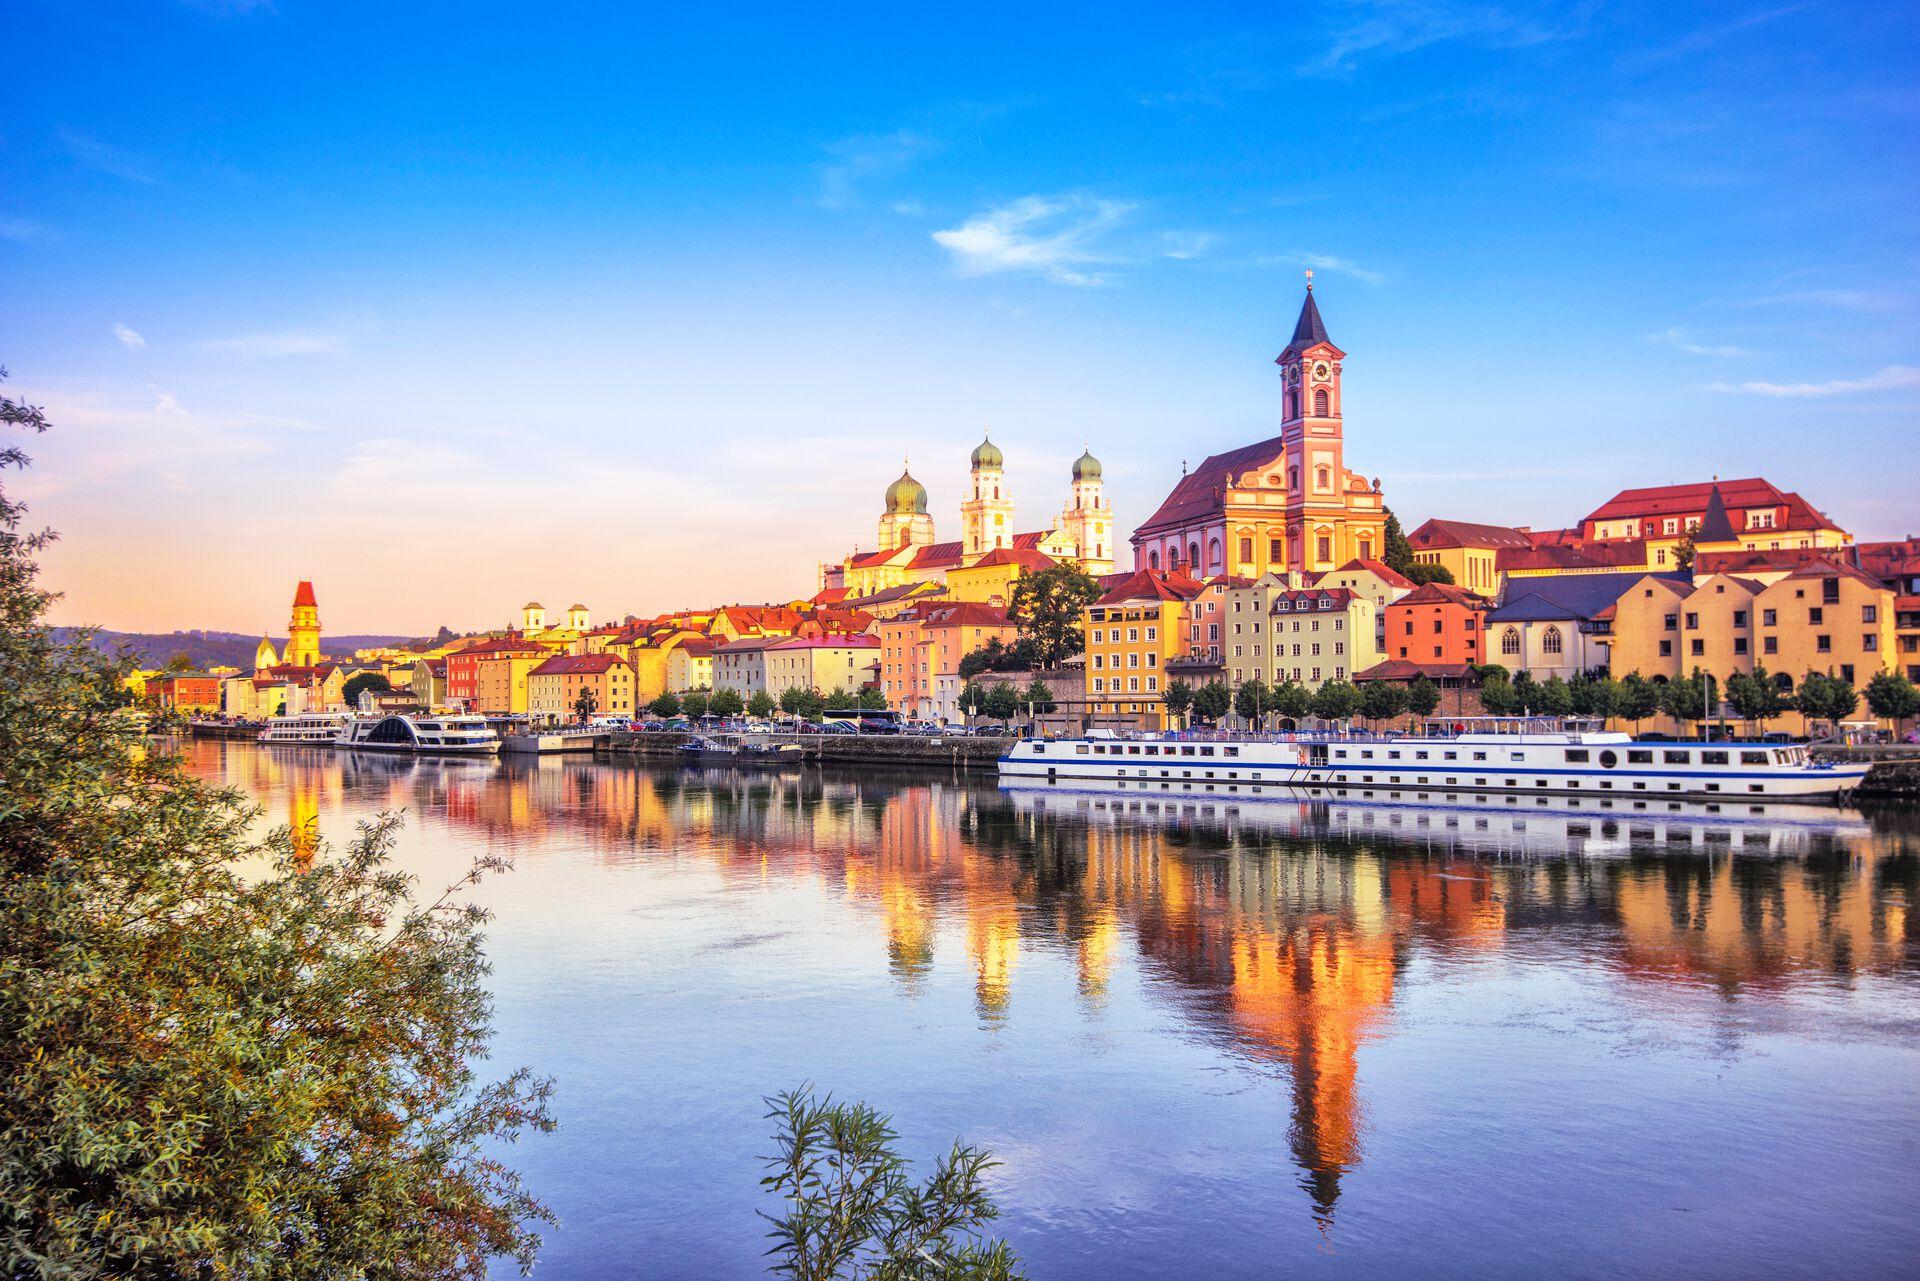 Radreise von Passau nach Wien inkl. Haustürabholung